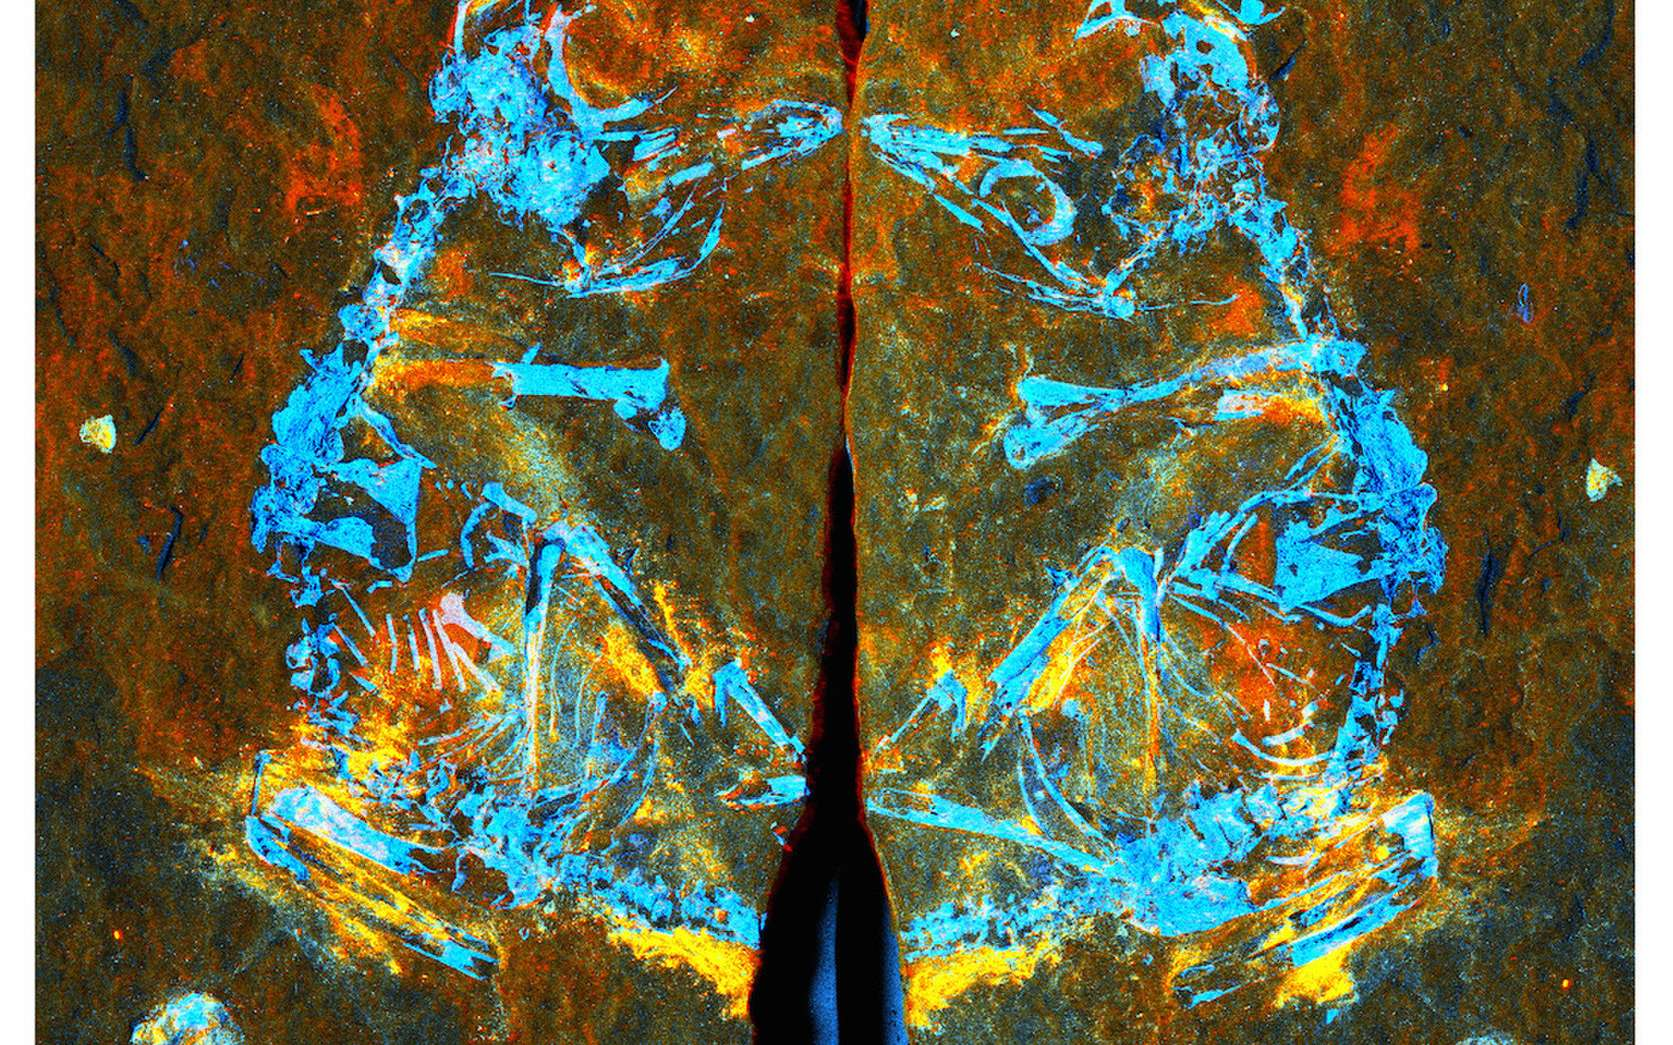 Sur cette image en fausses couleurs, obtenue par rayonnement synchrotron, sont détaillés les différents éléments présents dans le fossile : du fer en rouge, du silicium en vert et du phosphore en bleu. © Fabien Knoll et al., 2018